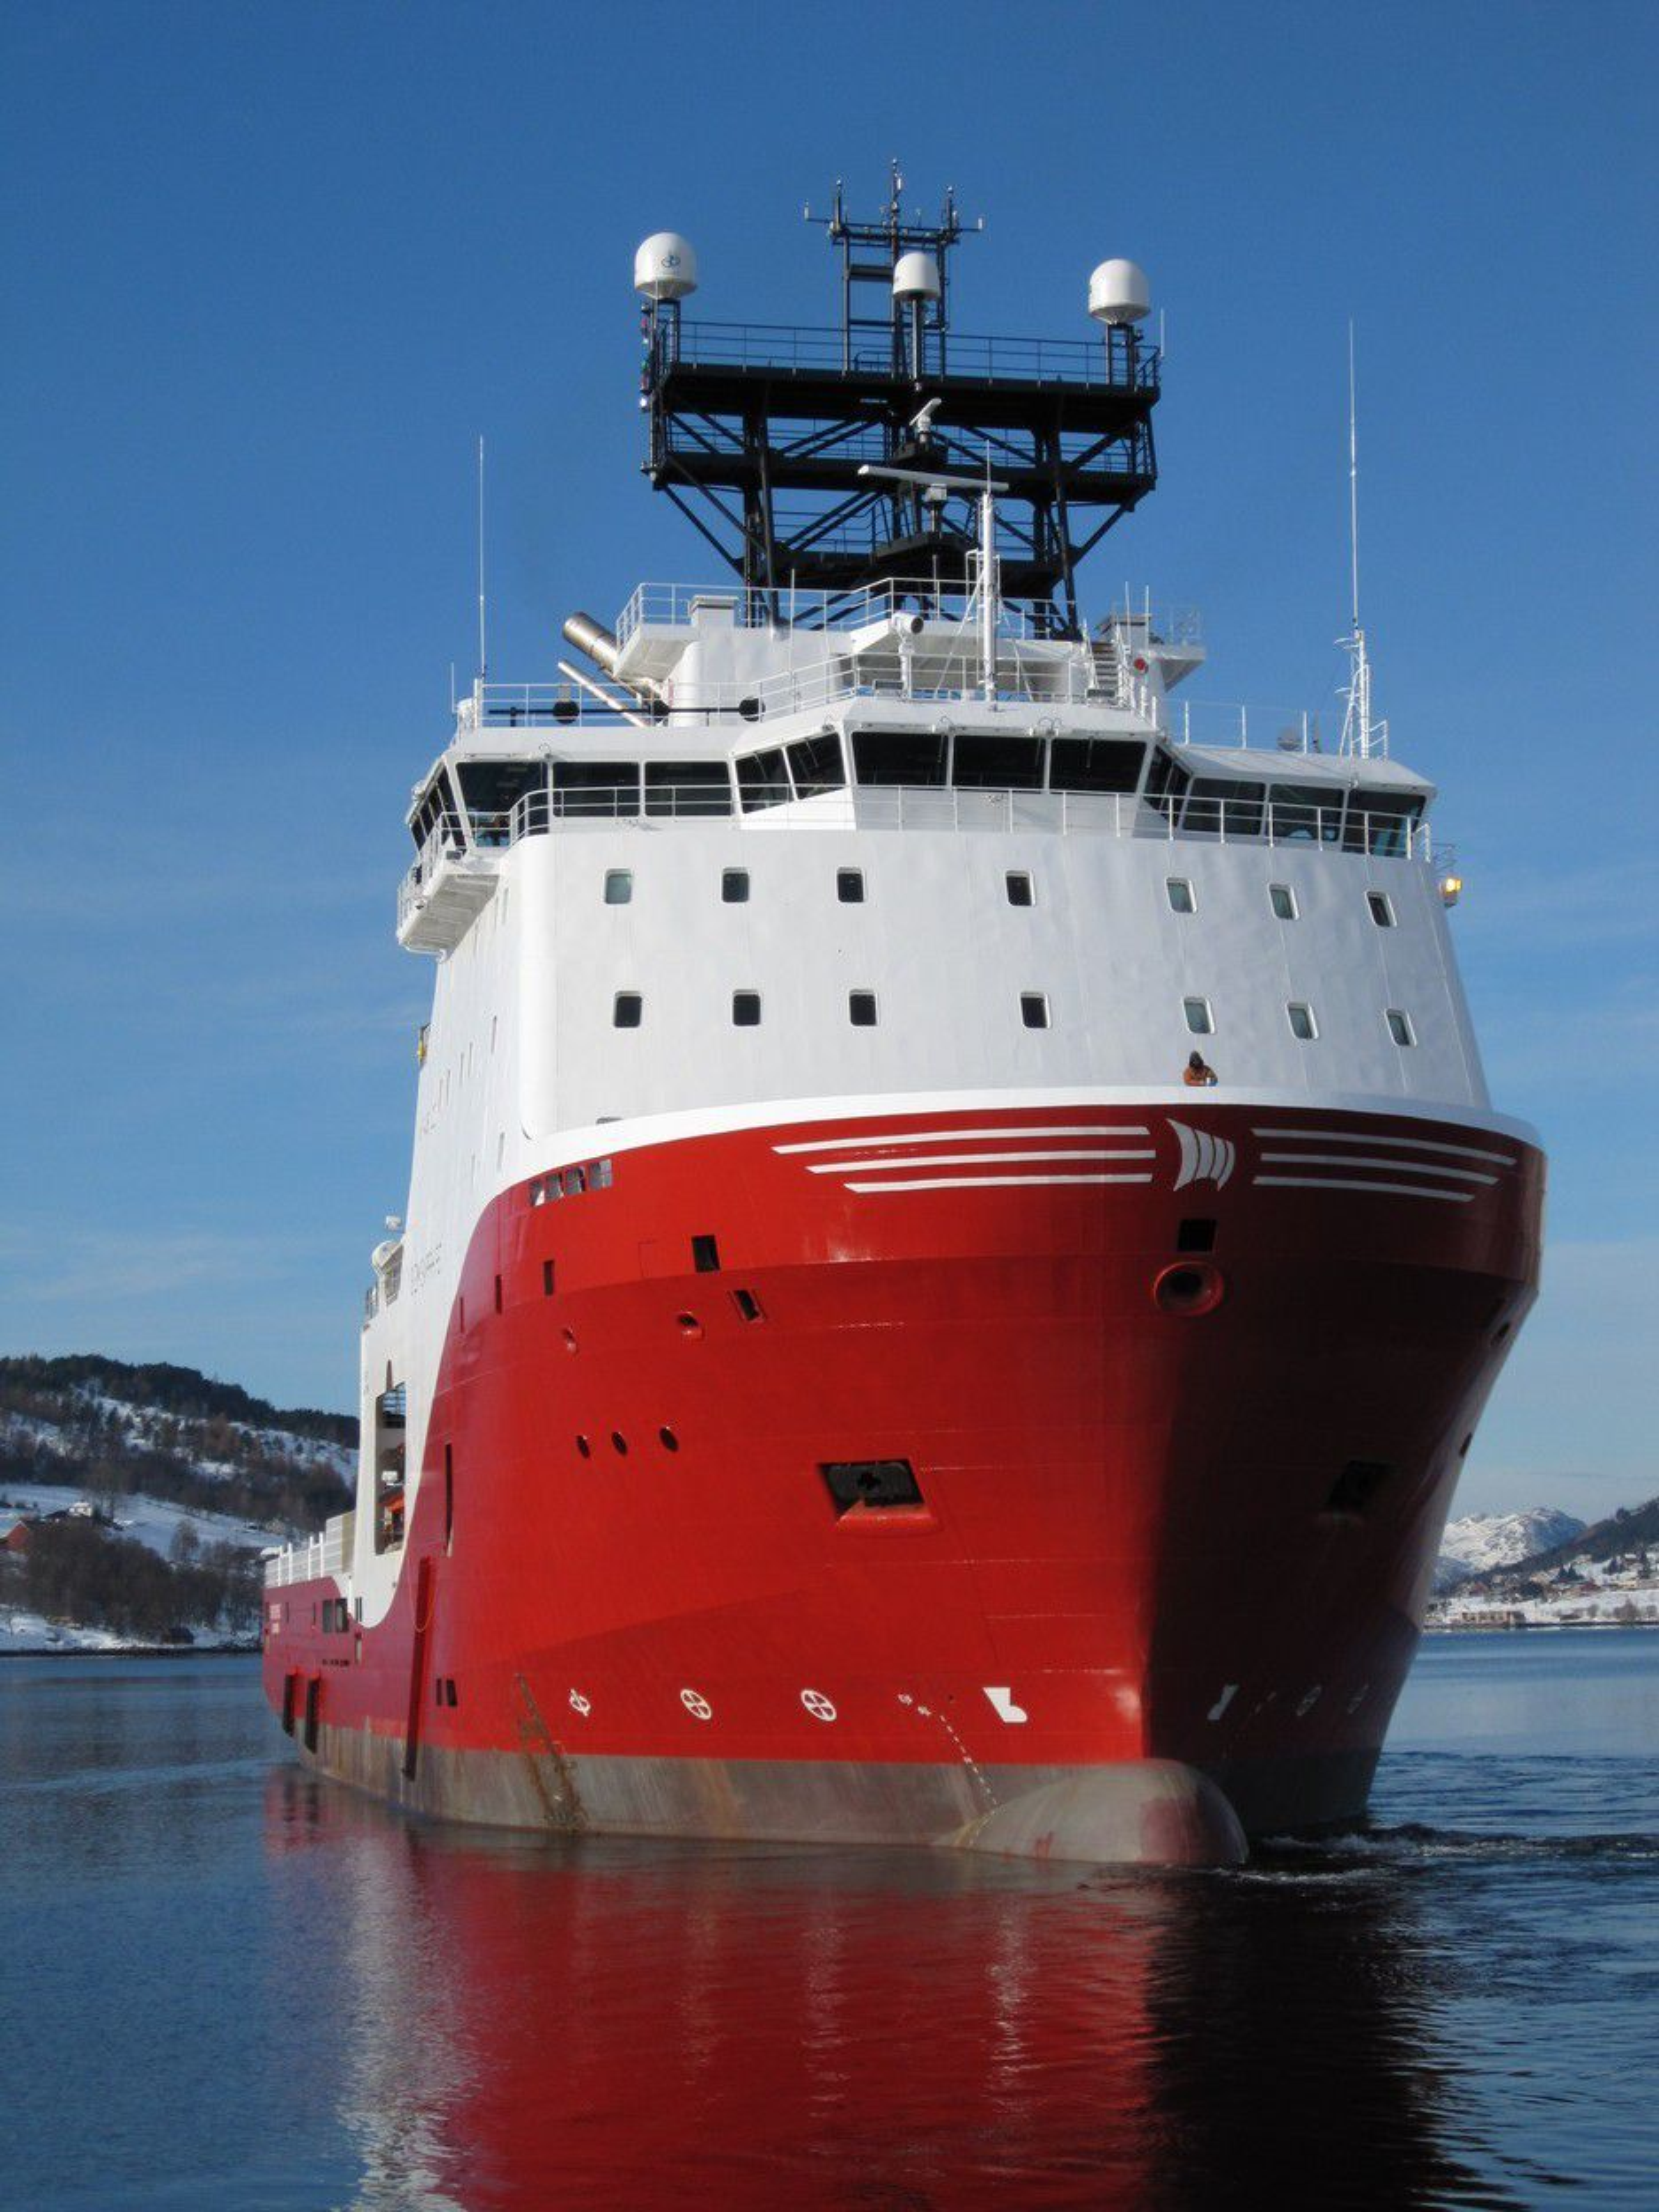 Siem Offshore er blant selskapene som er berørt av Rosnefts beslutning om å bryte samarbeidet med norske selskaper.